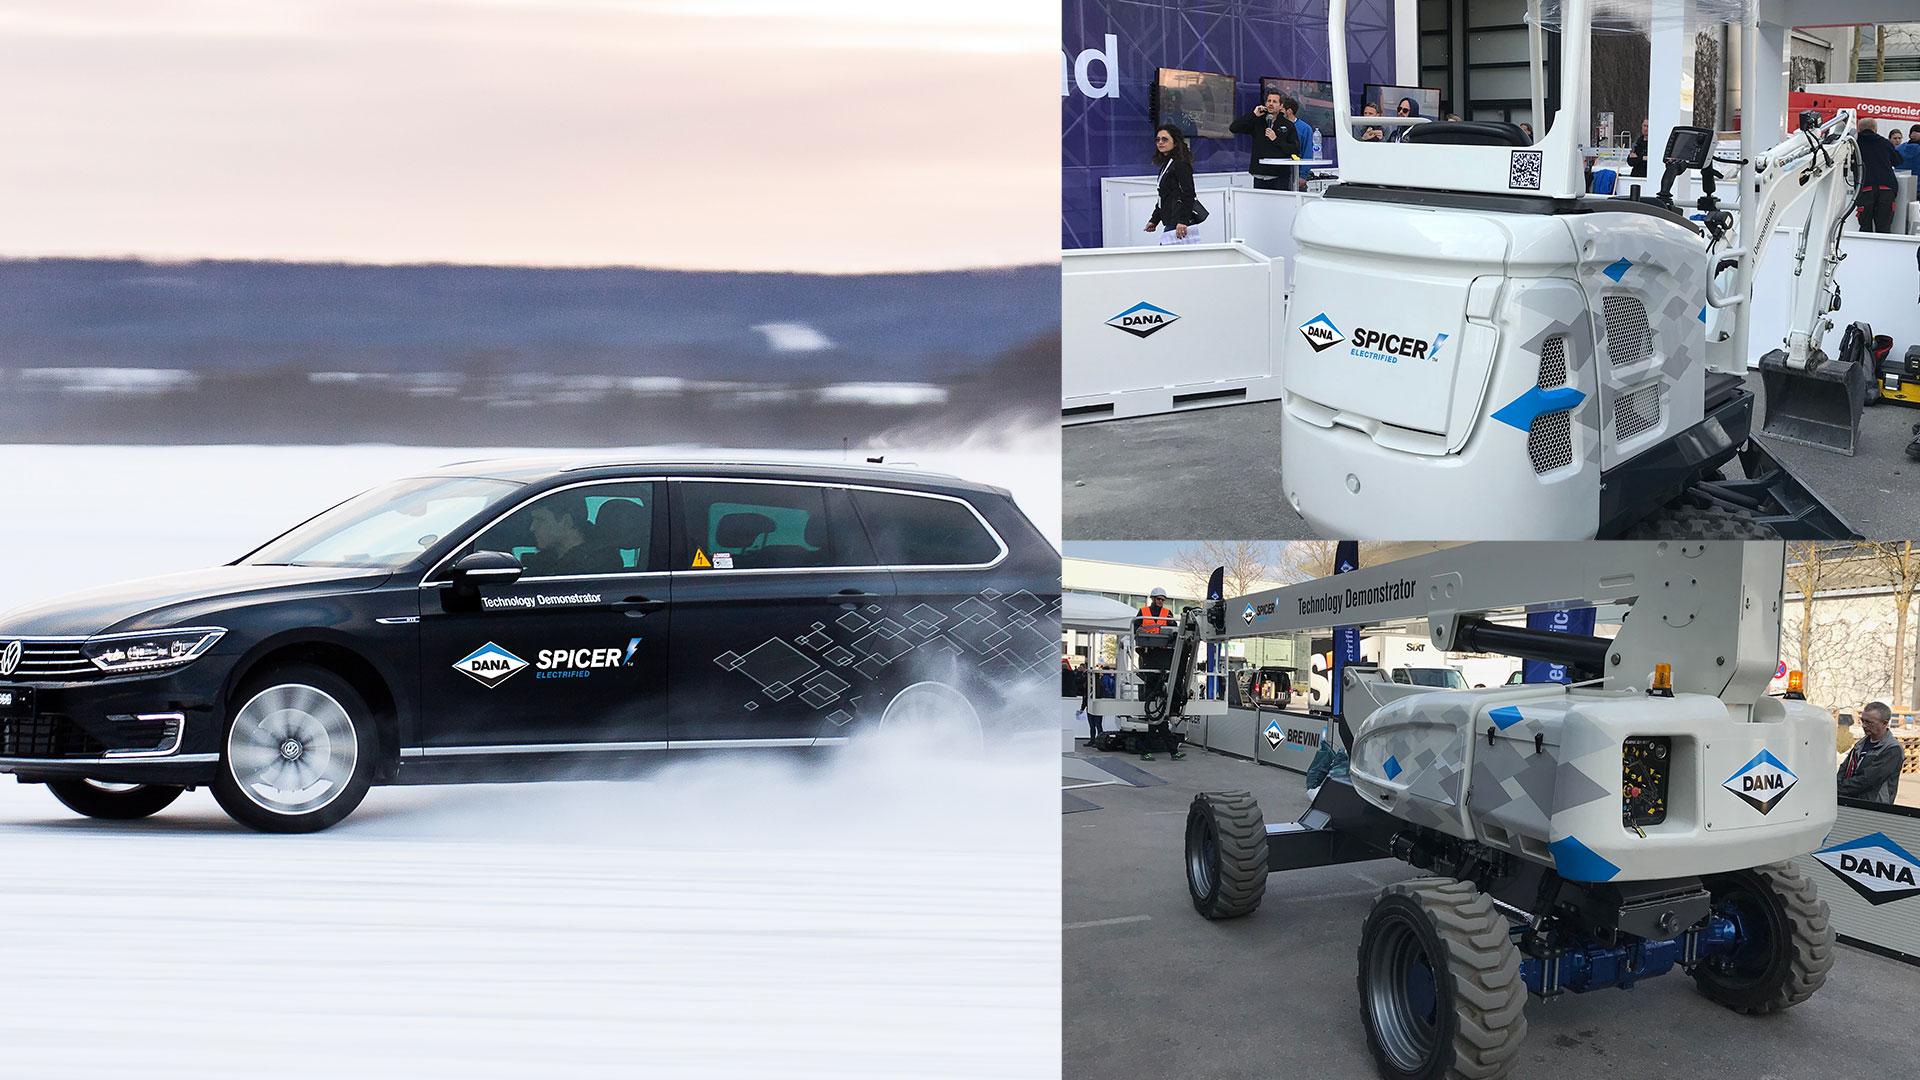 Dana Incorporated vehicle graphics